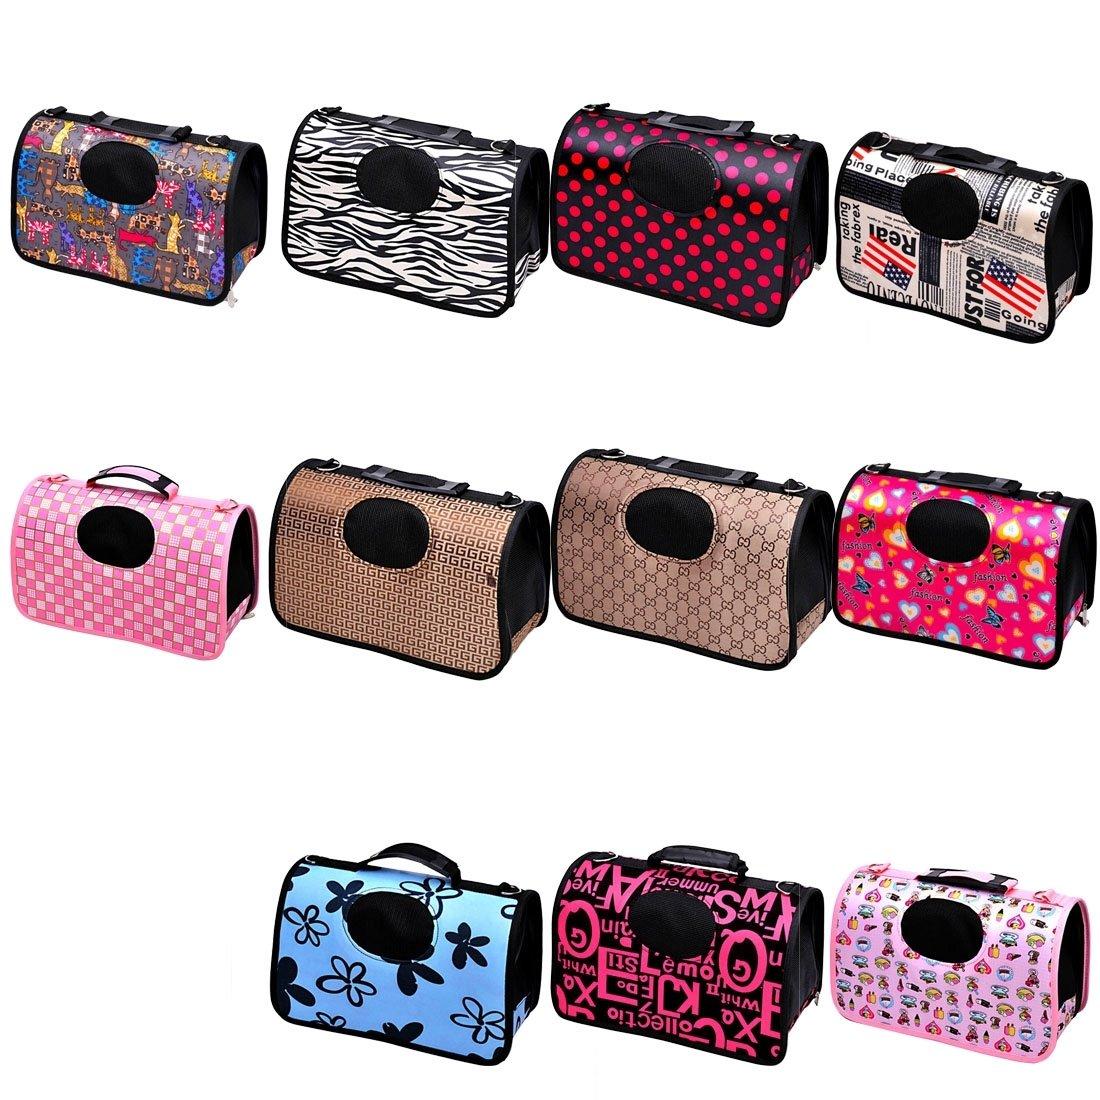 Xujw-pet, Sacchetto di spalla borsa portatile dell'animale domestico domestico domestico per il gatto   cane ed altri animali domestici piccoli, formato  34  18  24cm ( SKU   Hc2874d ) 0df214